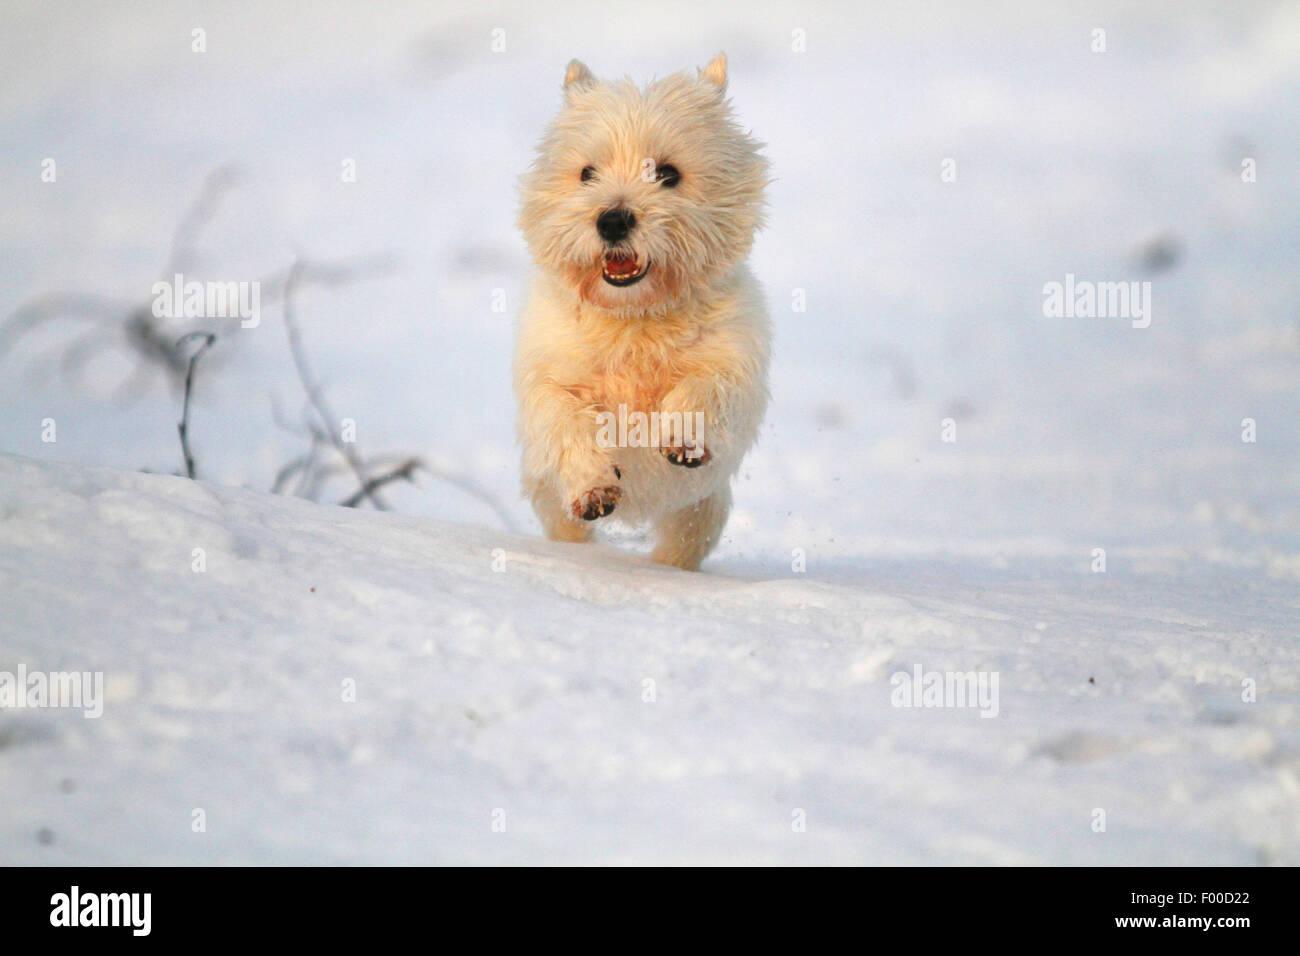 West Highland White Terrier, Westie (Canis lupus f. familiaris), frolicing de bonne humeur dans la neige, Allemagne Photo Stock